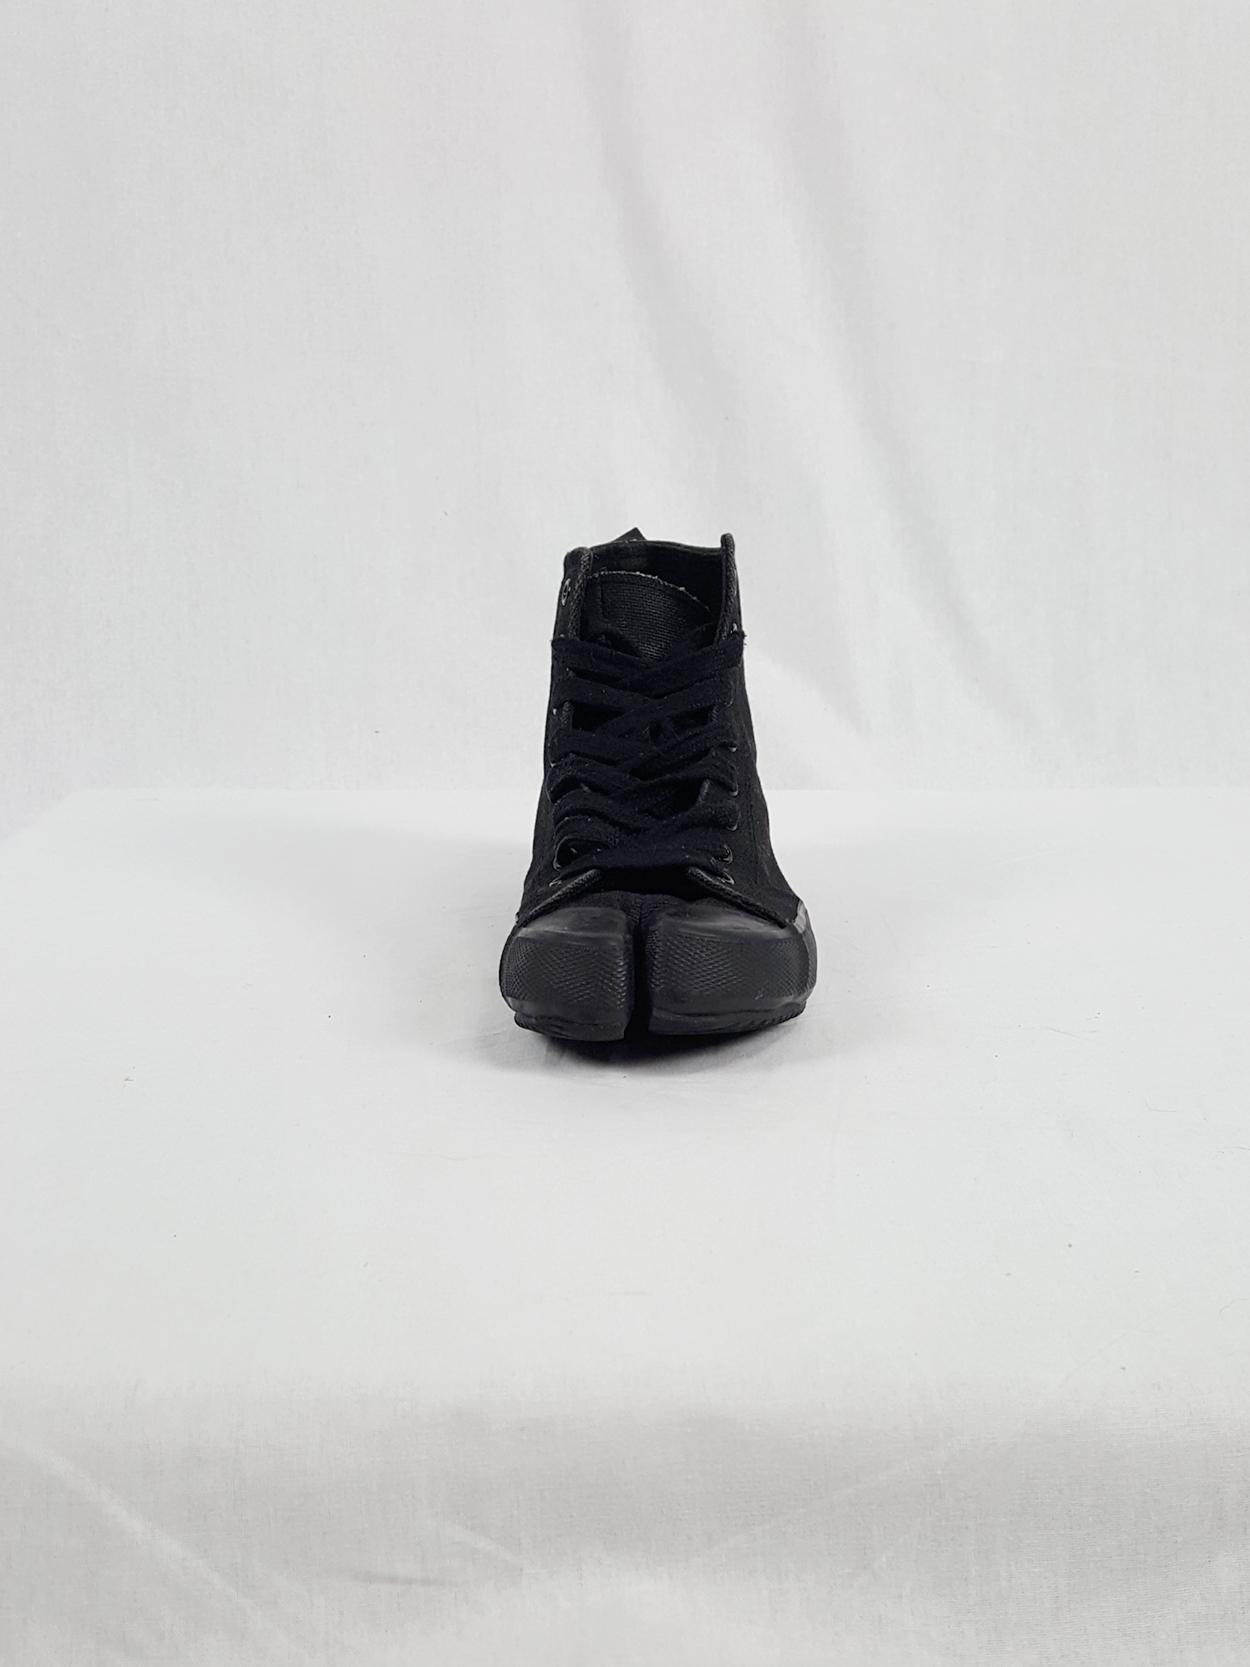 the latest fa88a e9078 Maison Martin Margiela 6 black high-top tabi sneakers (36 ...